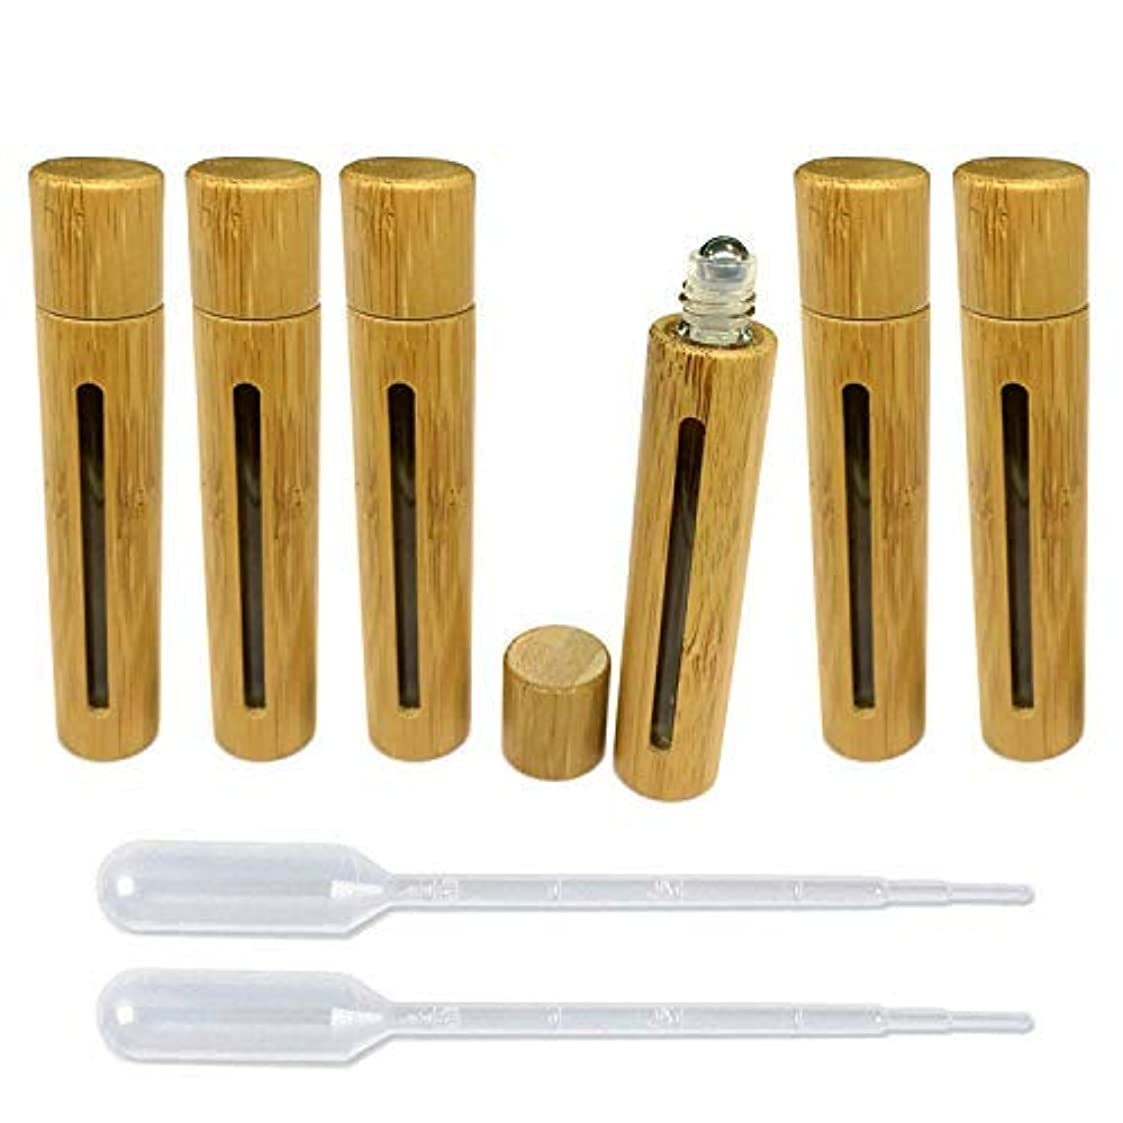 いちゃつく病的マーク6 Pieces Roll On Bottles 10ml With Hollow Window Bamboo Shell Clear Glass Roller Bottles Empty Refillable Essential...